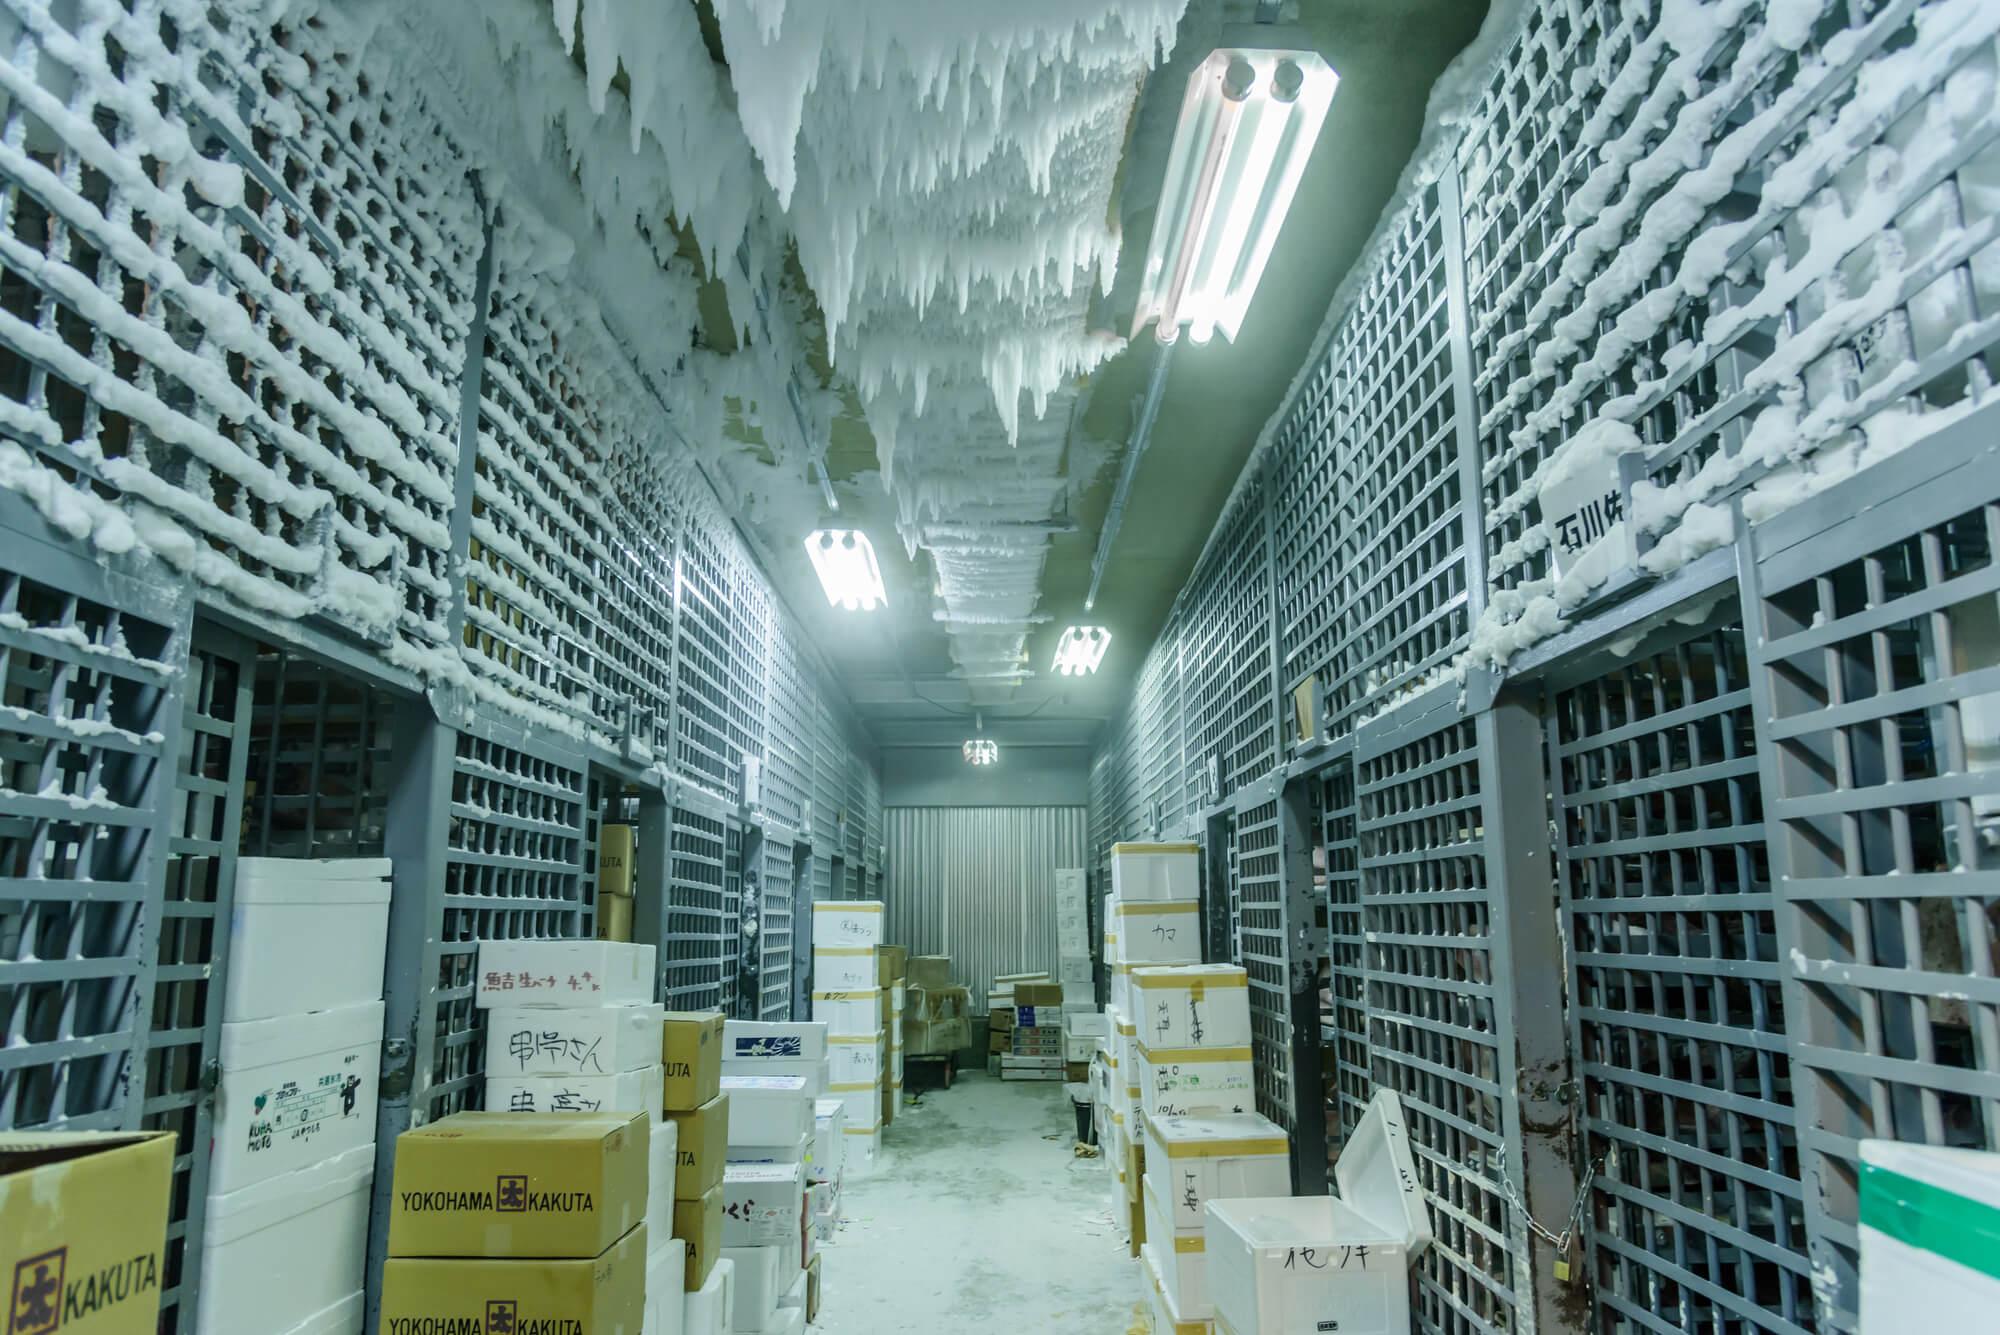 冷凍機械責任者の需要とキャリアアップ